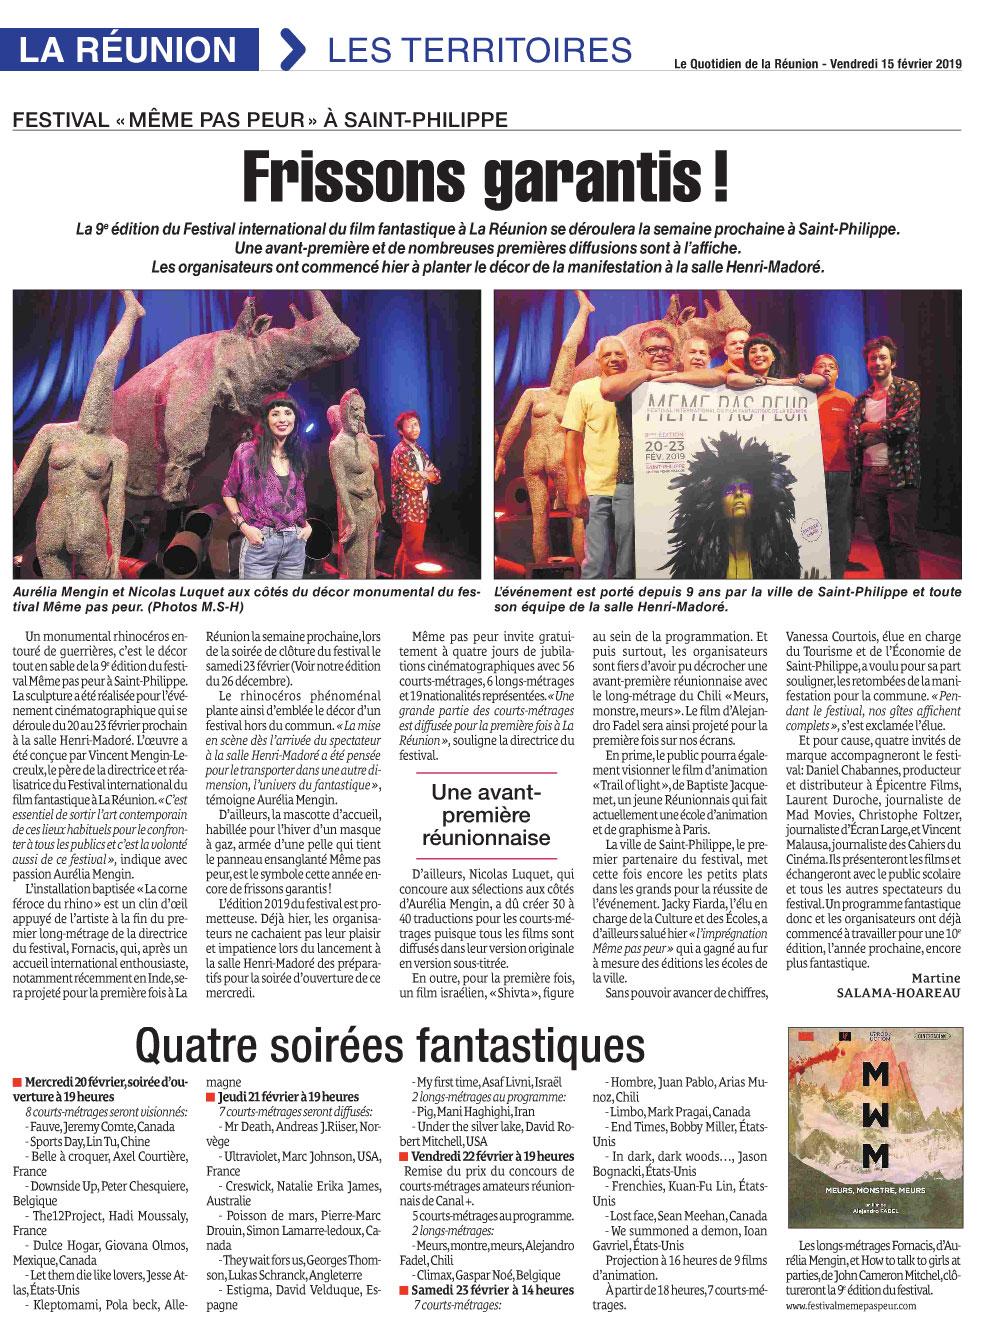 """""""Frissons garantis"""" Le Quotidien de La Réunion"""